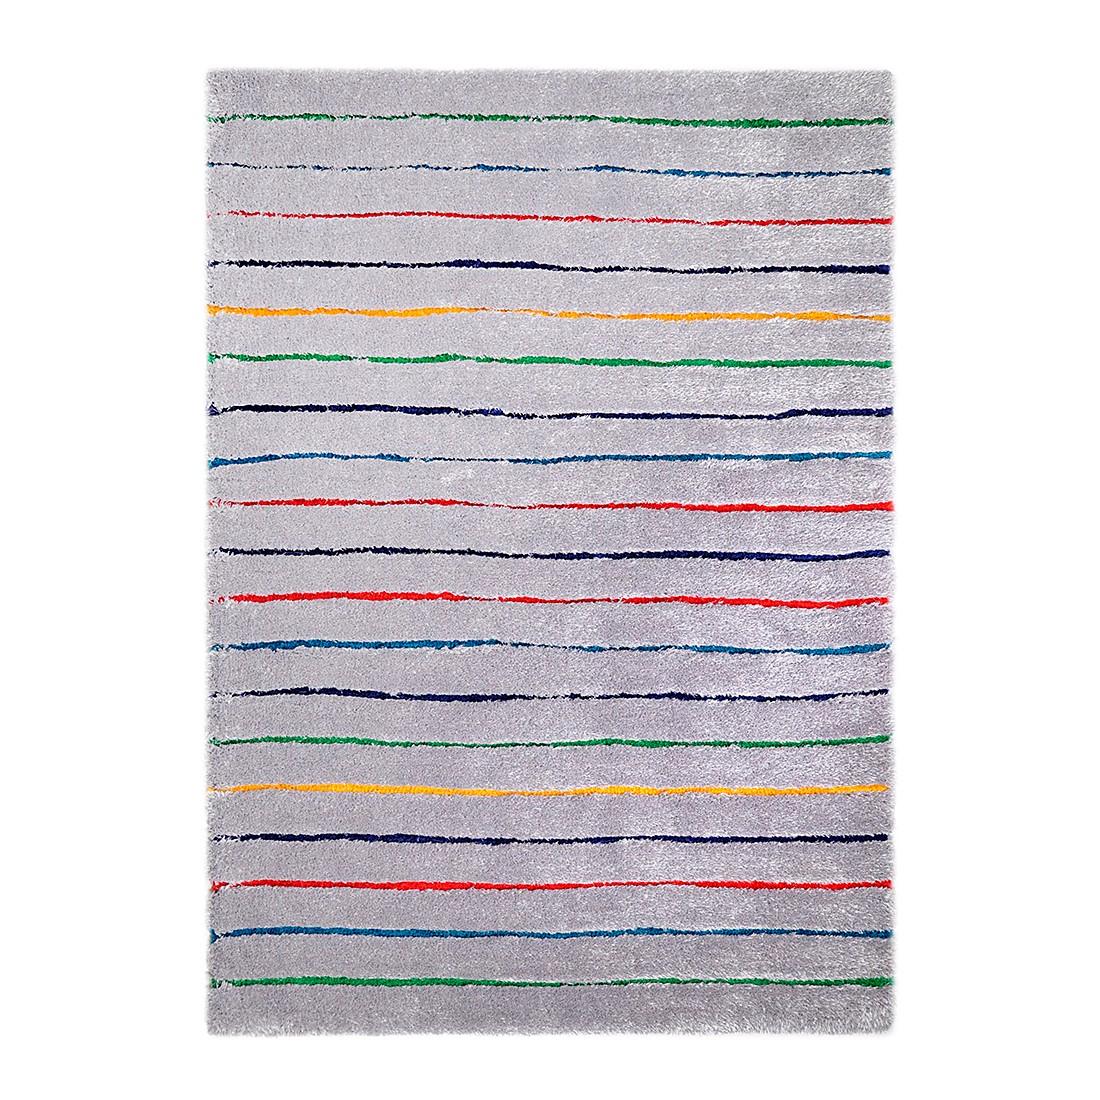 Tapijt Soft Hidden - grijs/meerkleurig - maat: 140x200cm, Tom Tailor